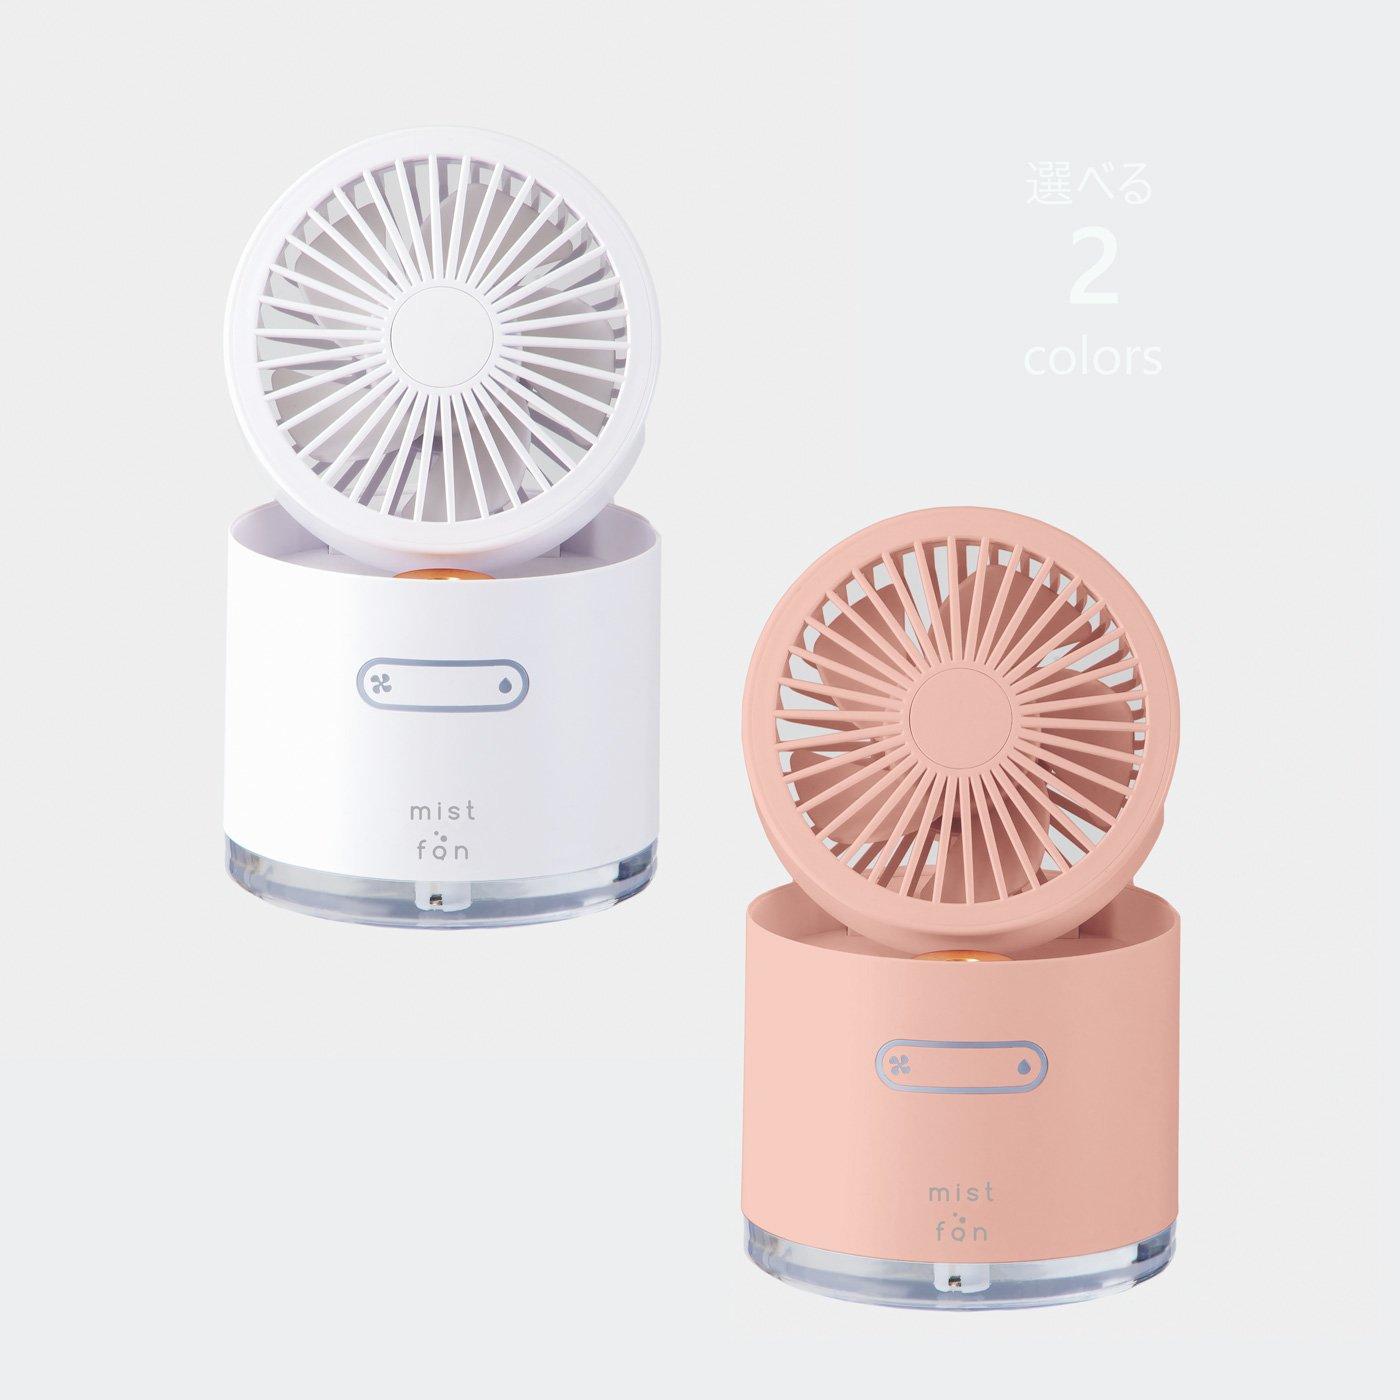 扇風機にも加湿器にもなるパーソナルミストファン